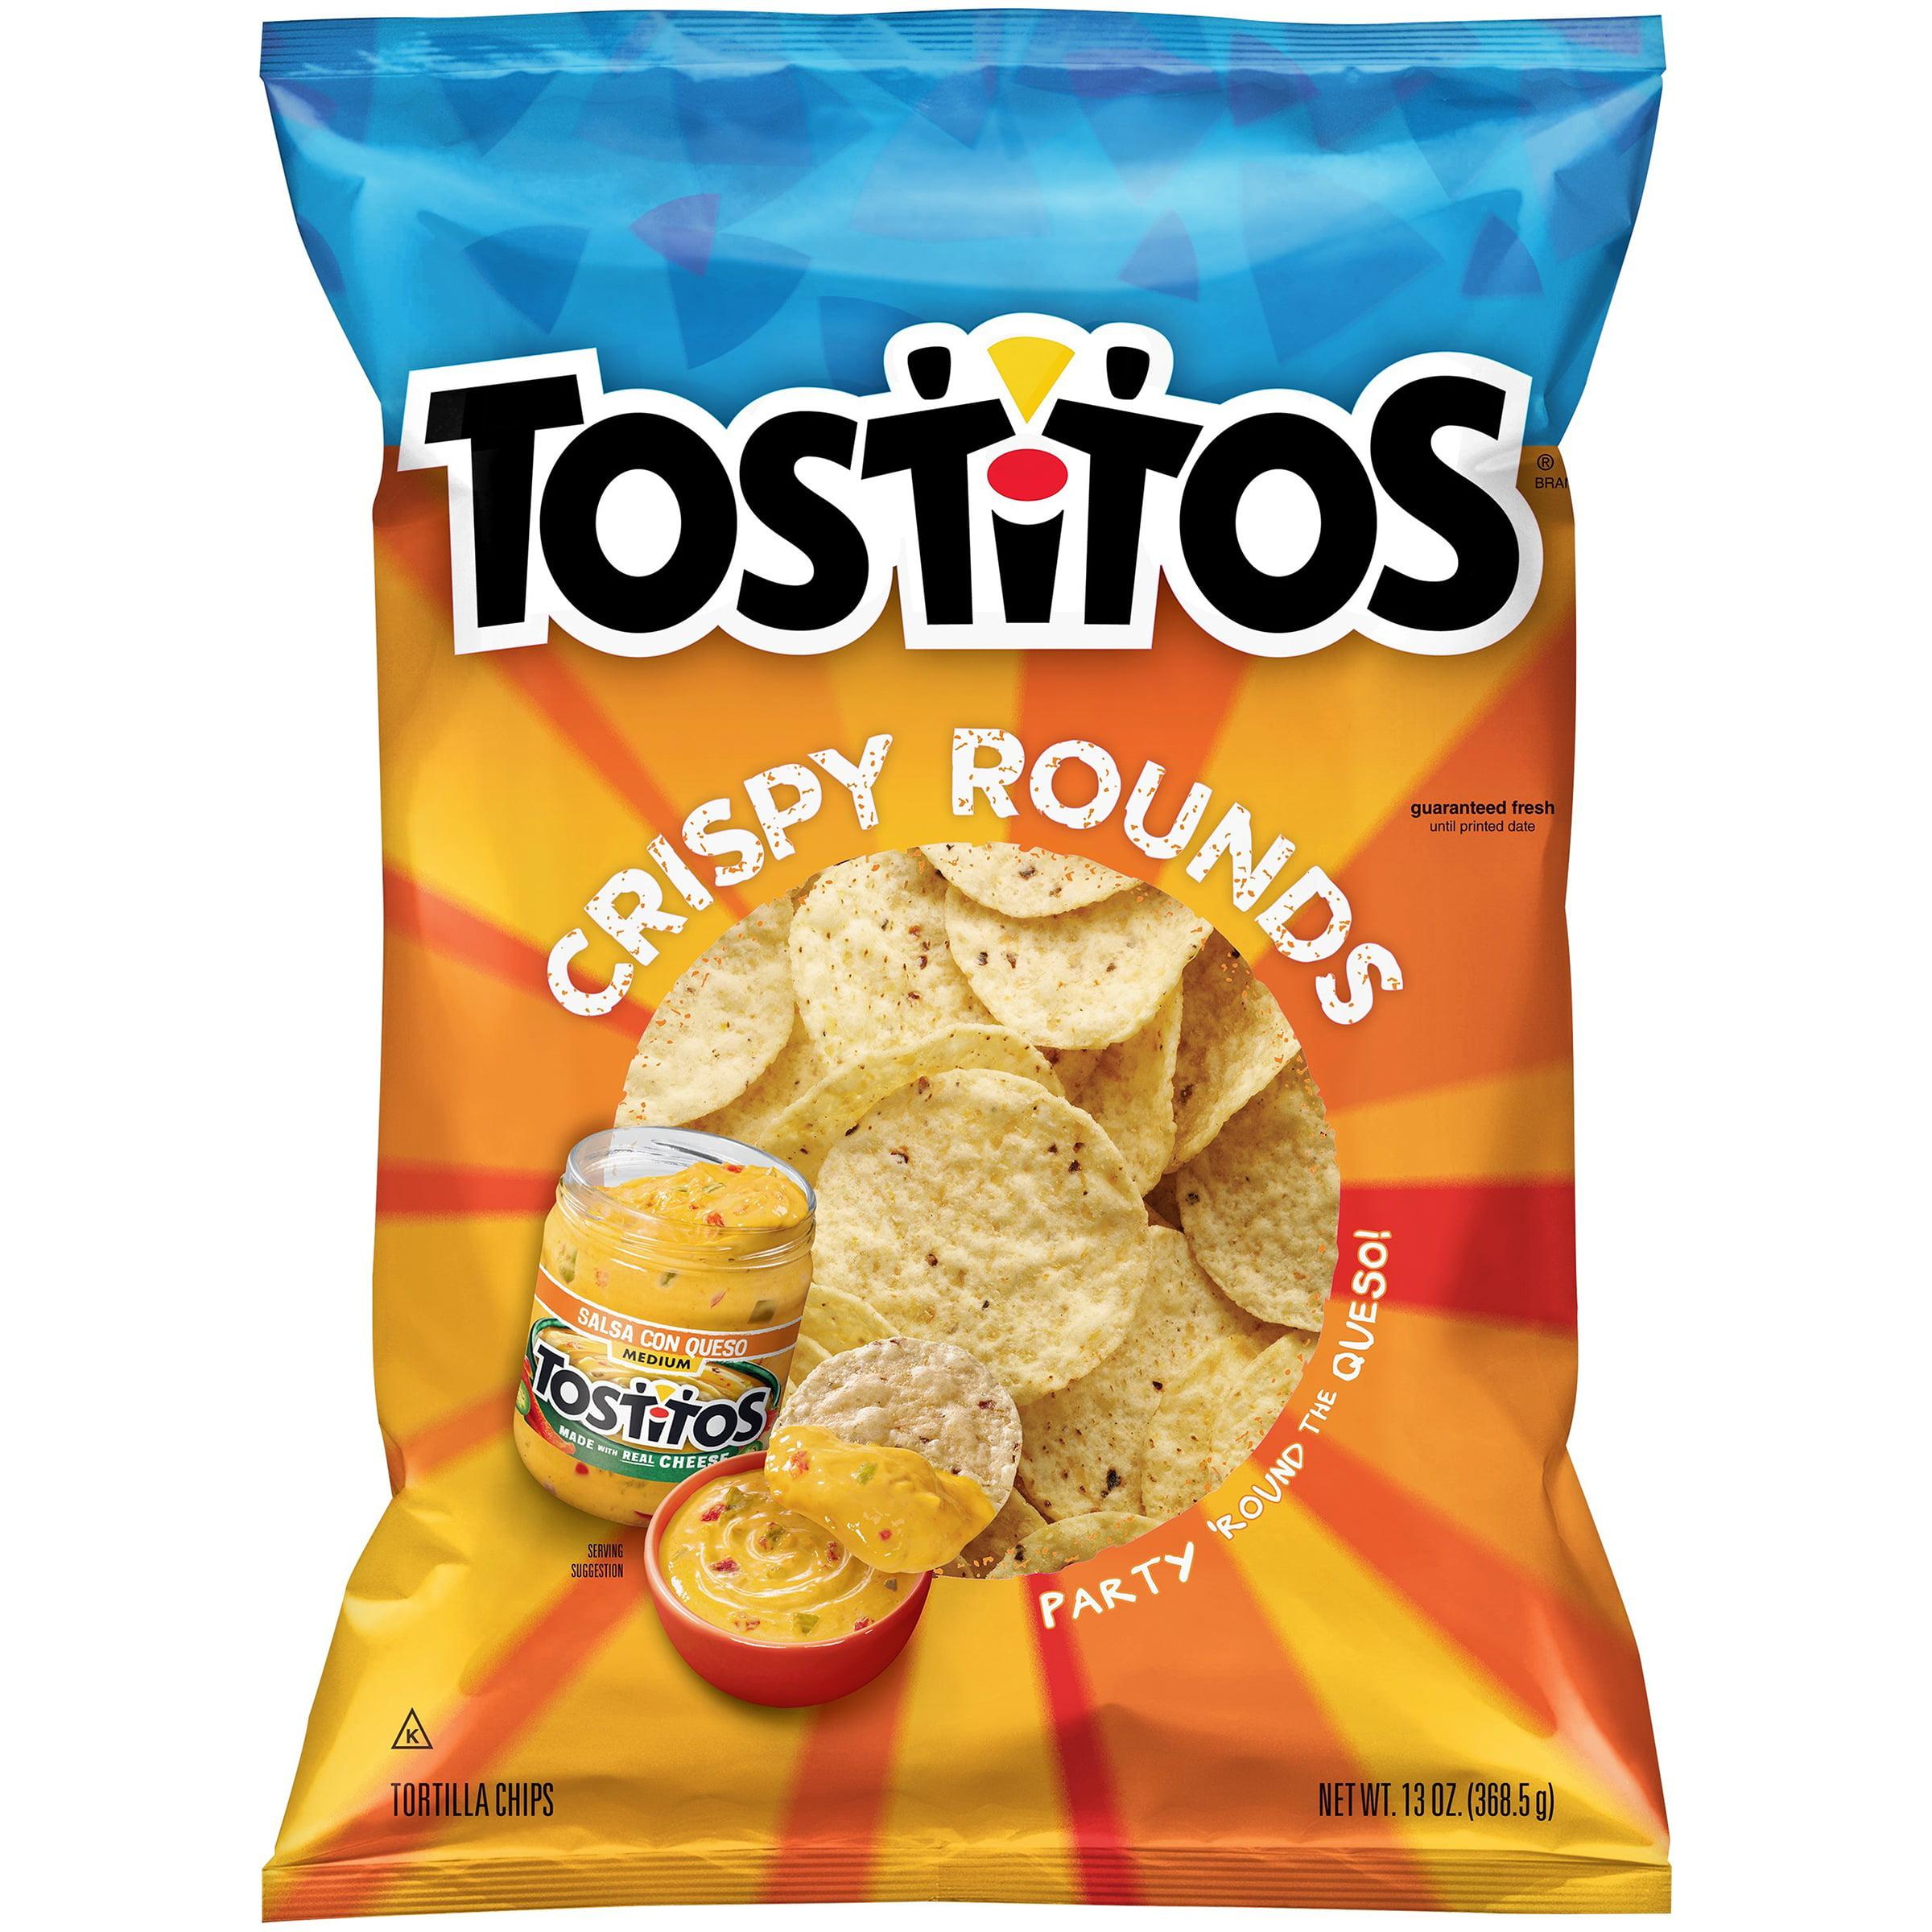 Tostitos Crispy Rounds Tortilla Chips, 13 oz Bag